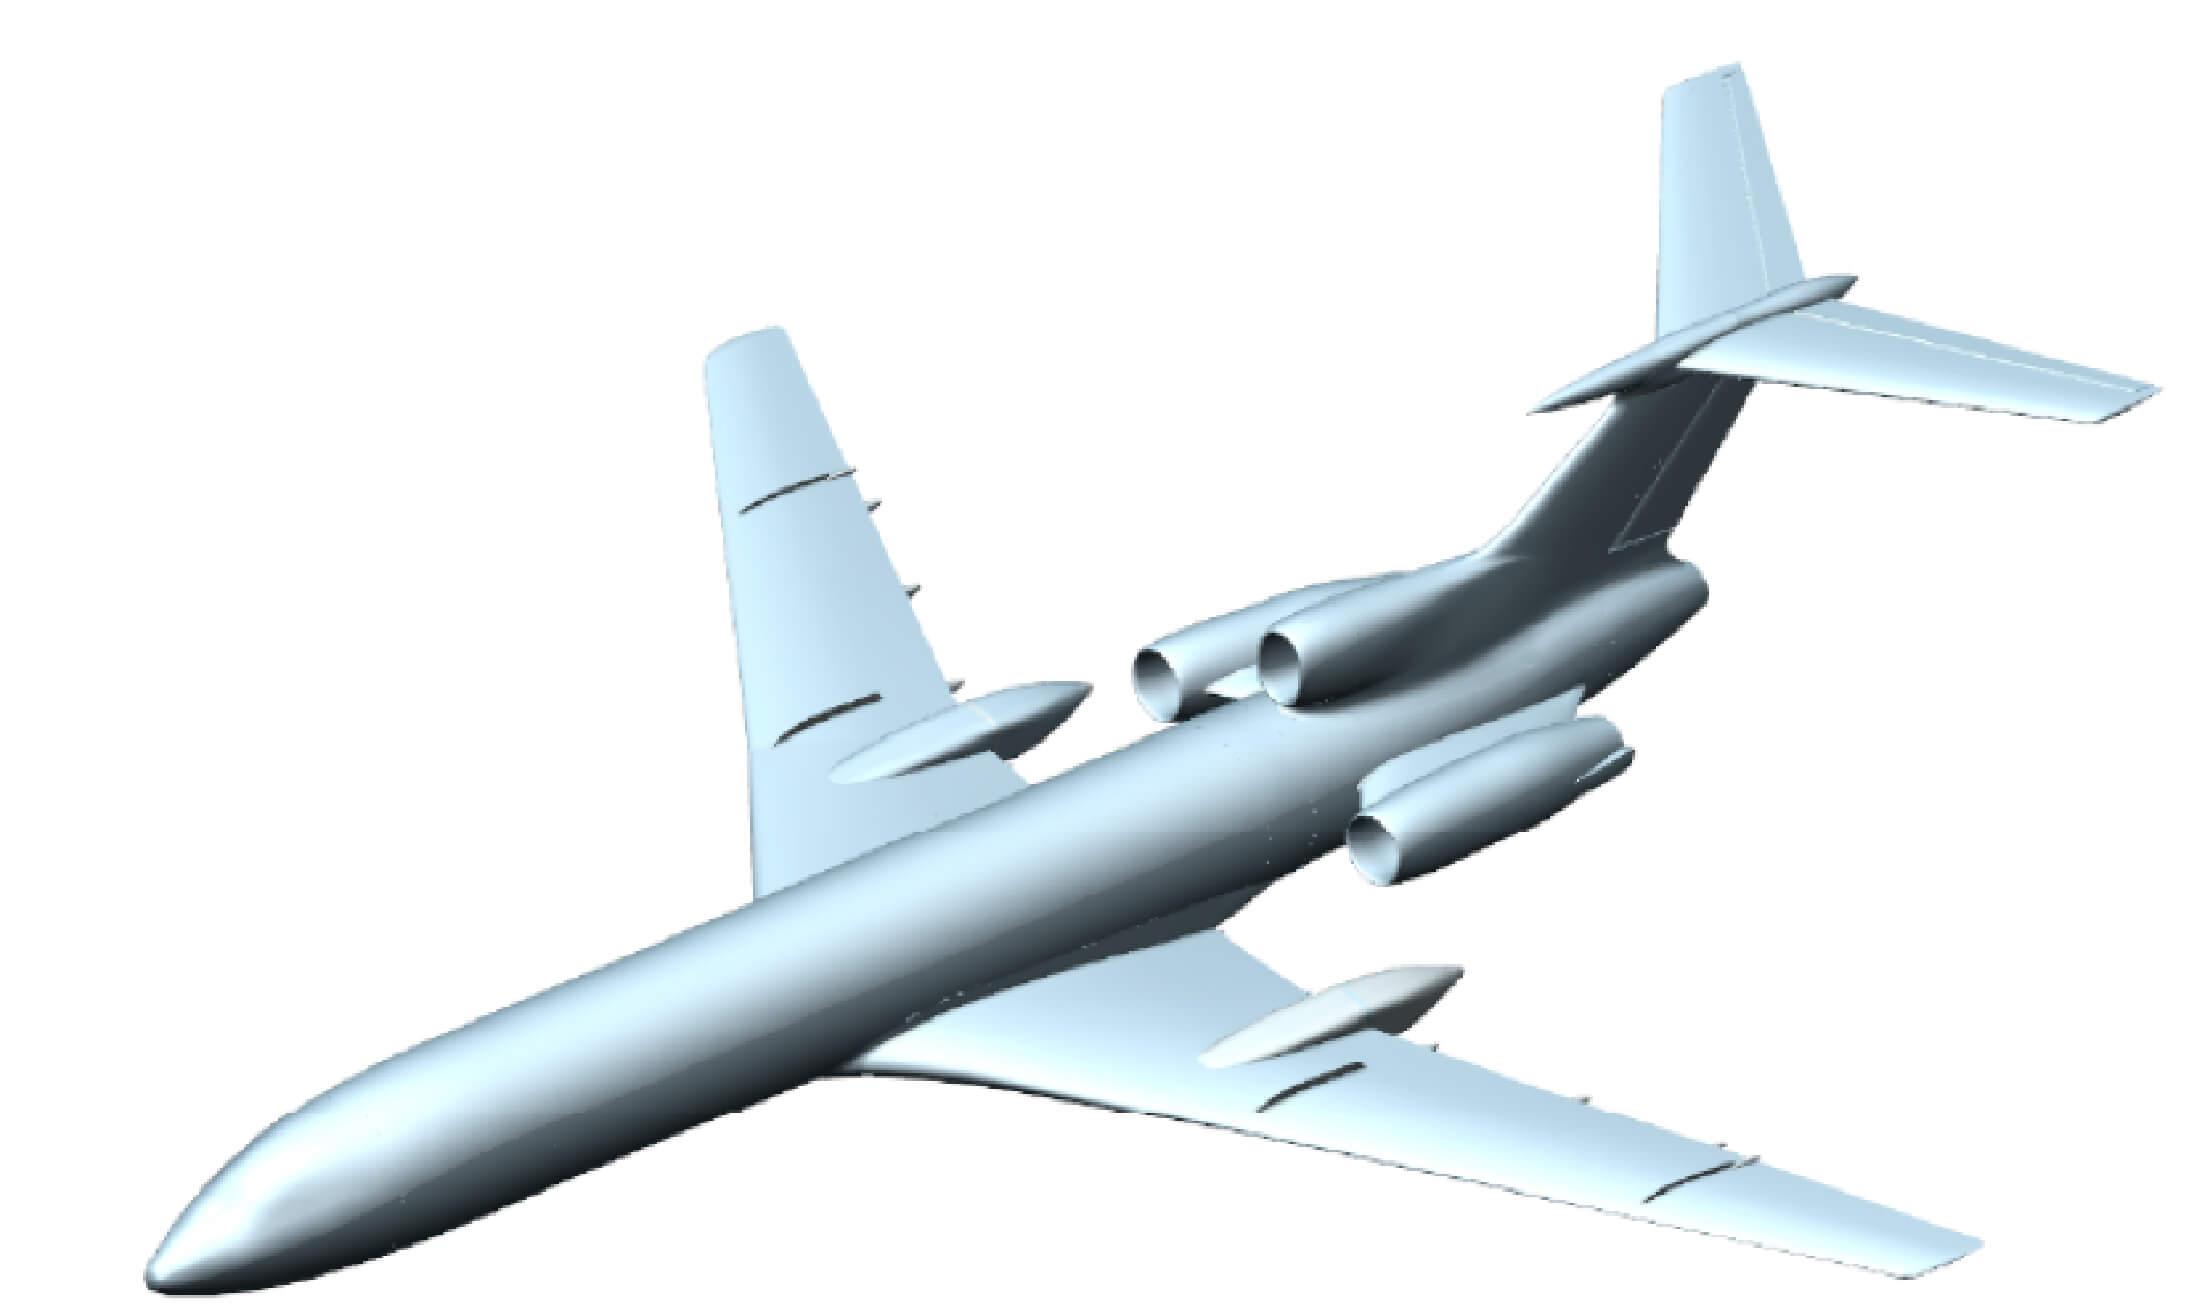 skanowanie-samolotu-tu154m-skanerem-3d-atos